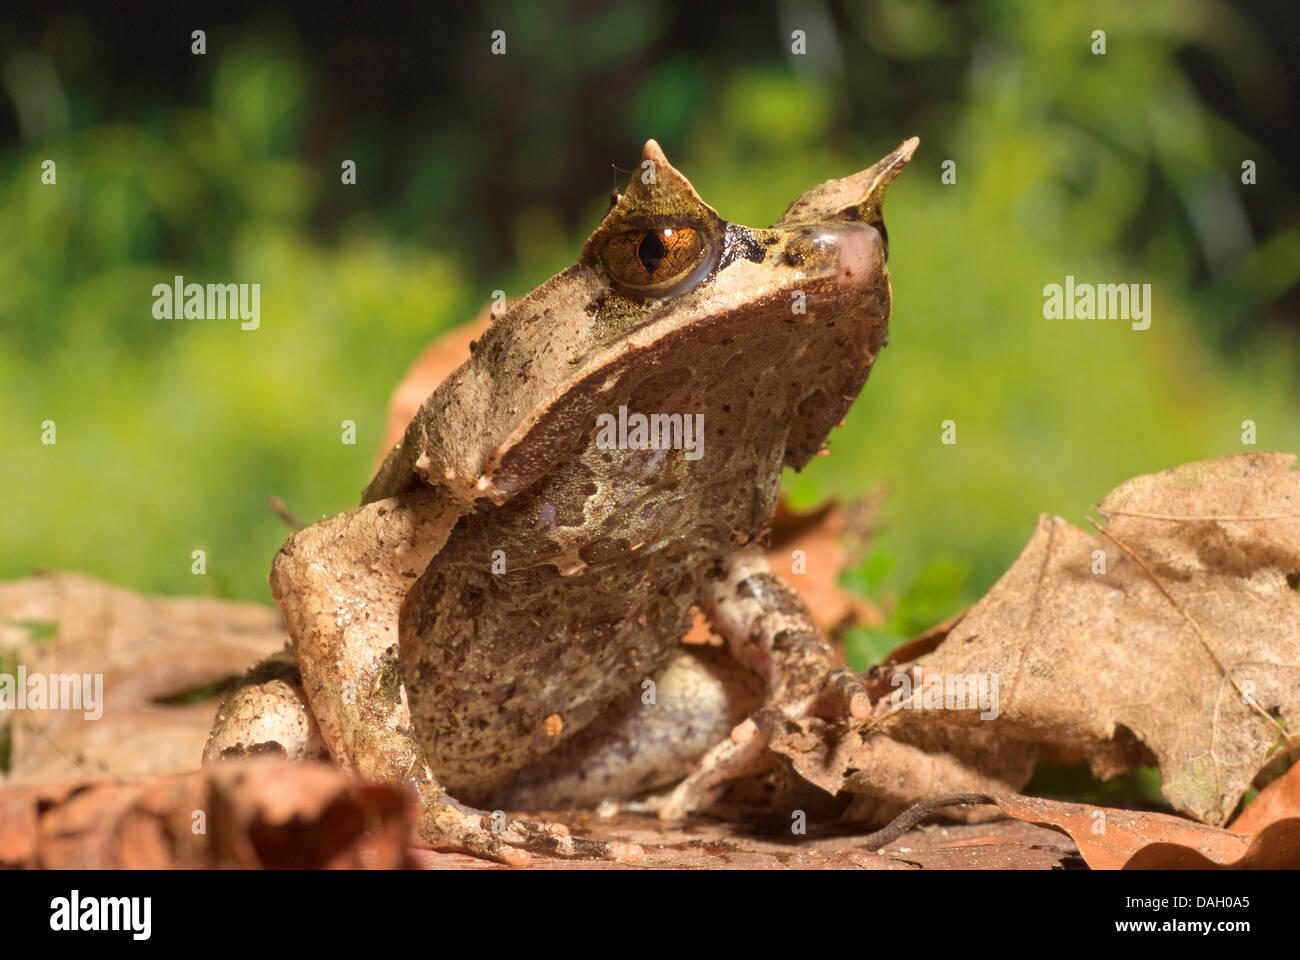 Asian horned frog